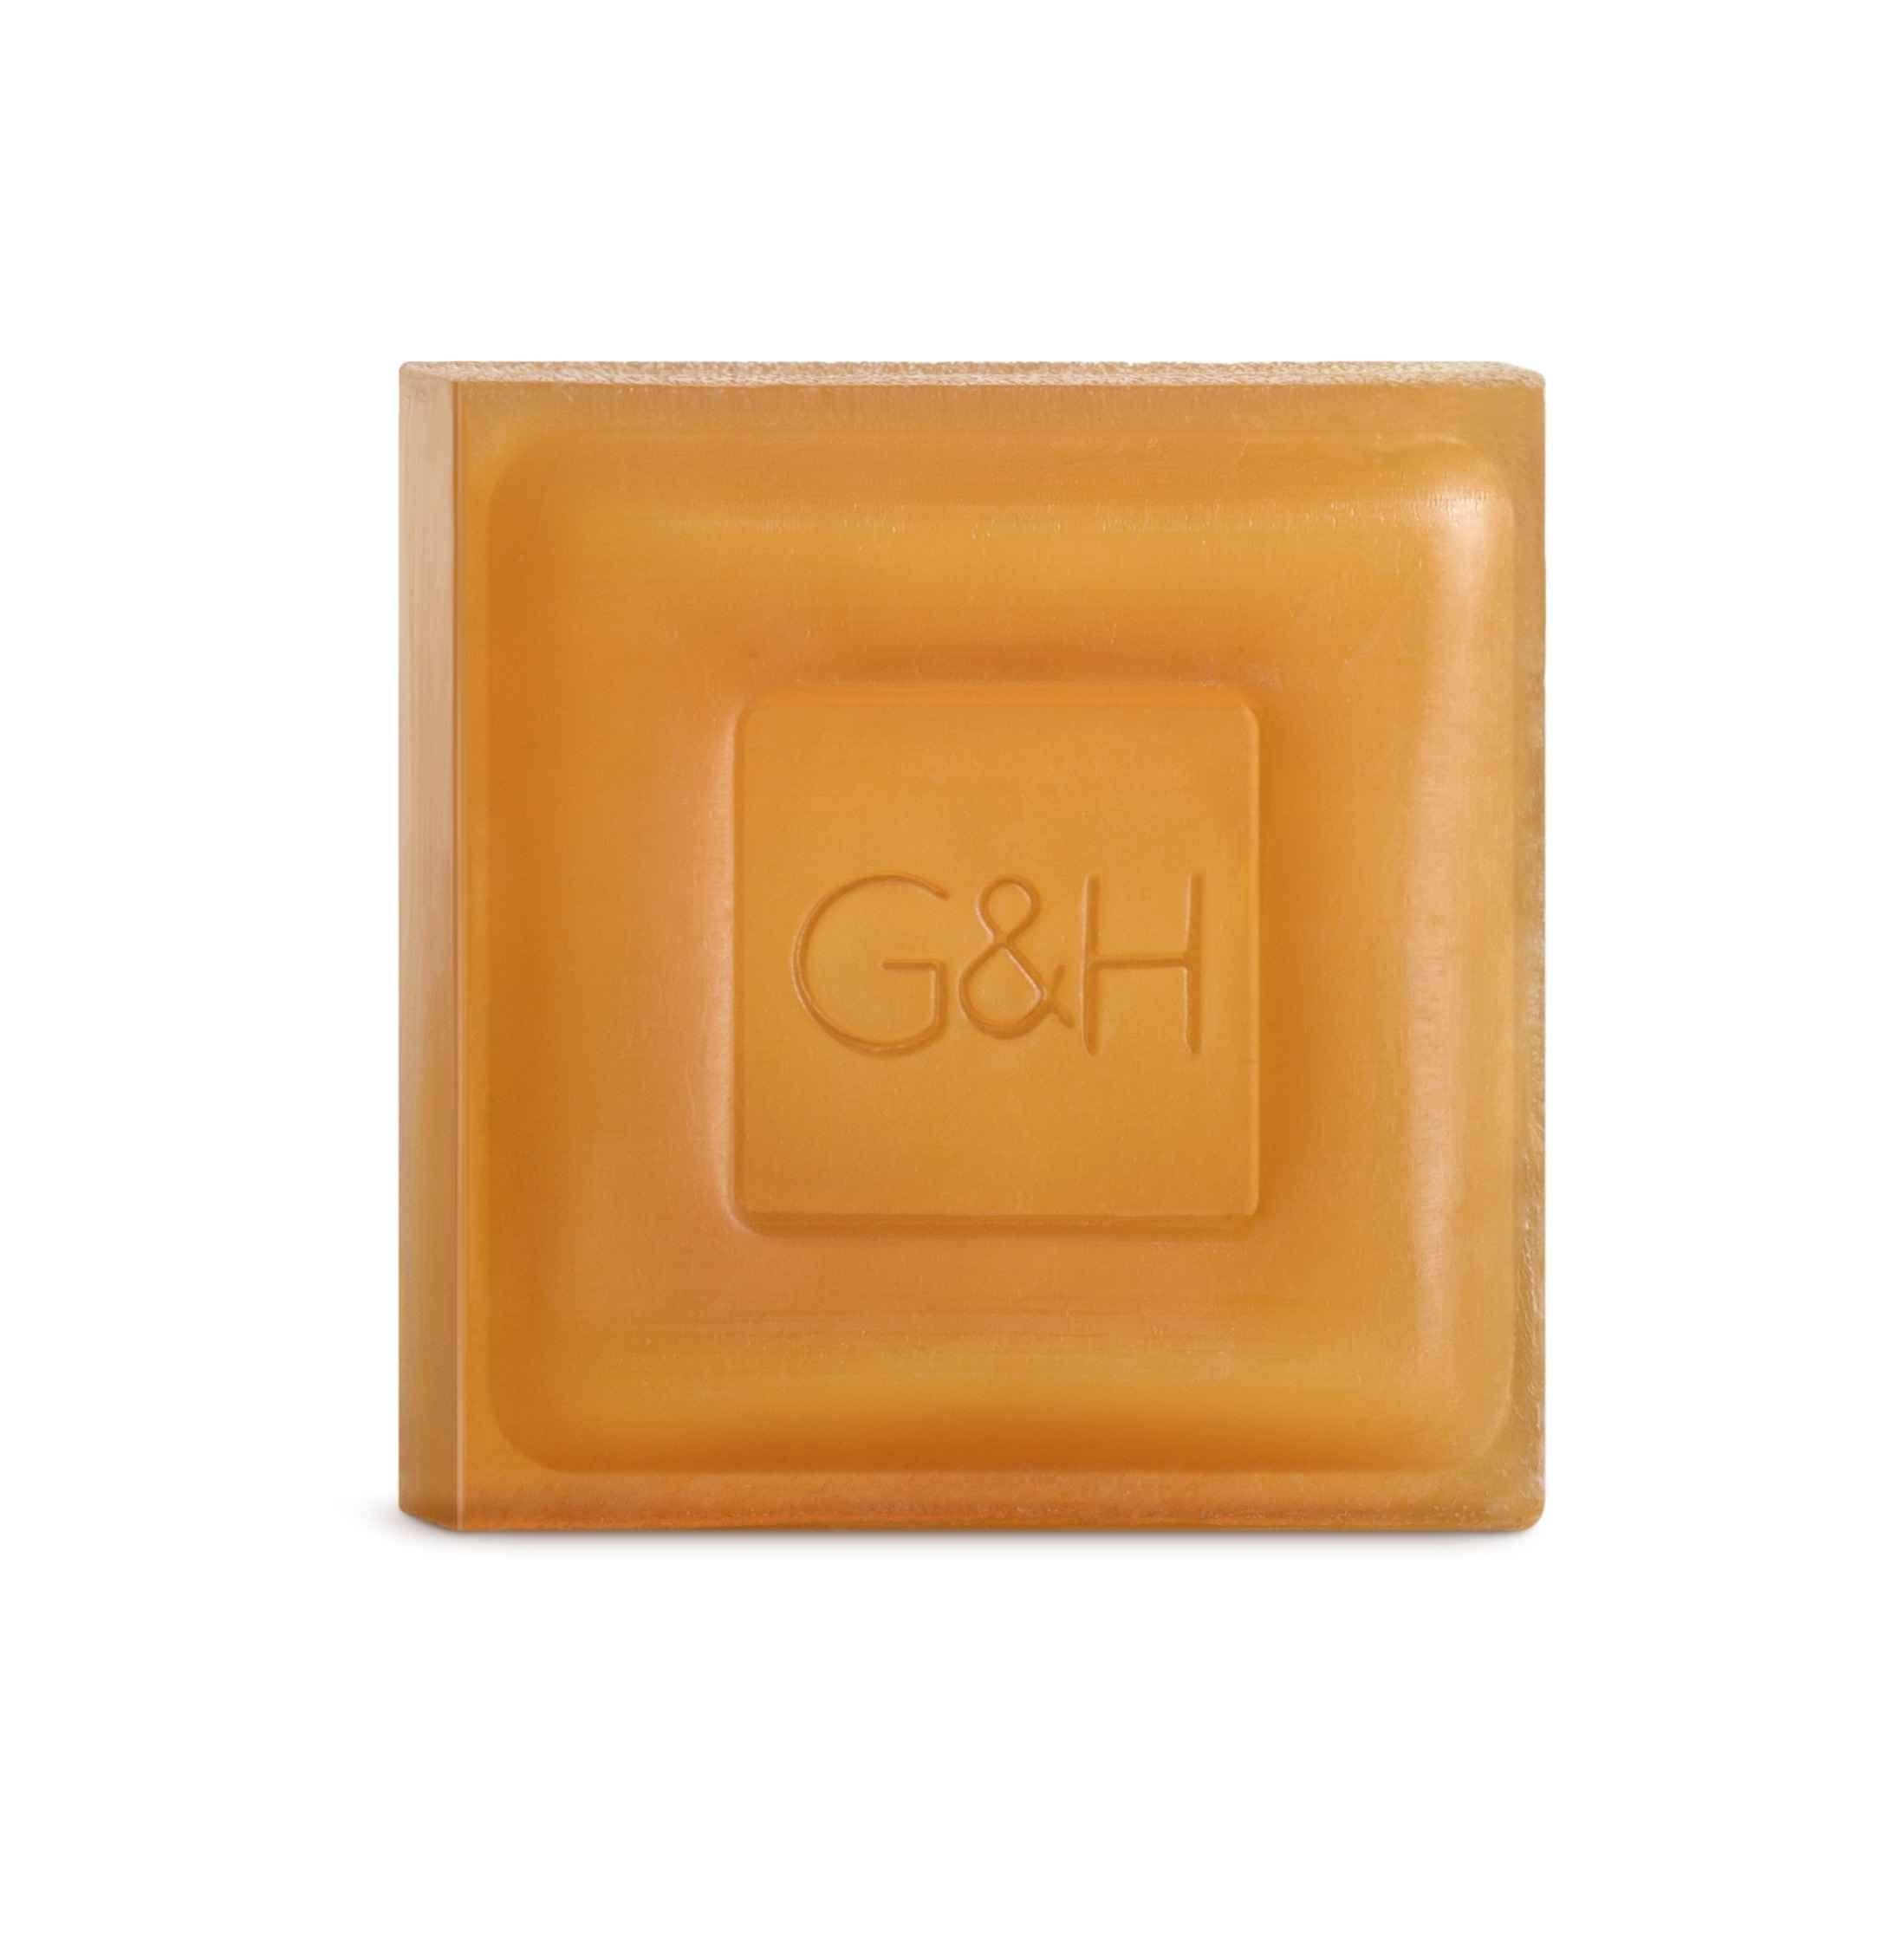 Amway, G&H, 5 tipp, reggeli, készülődés, többfunkciós, kozmetikum, rúzs és más, fogmosás, tusolás